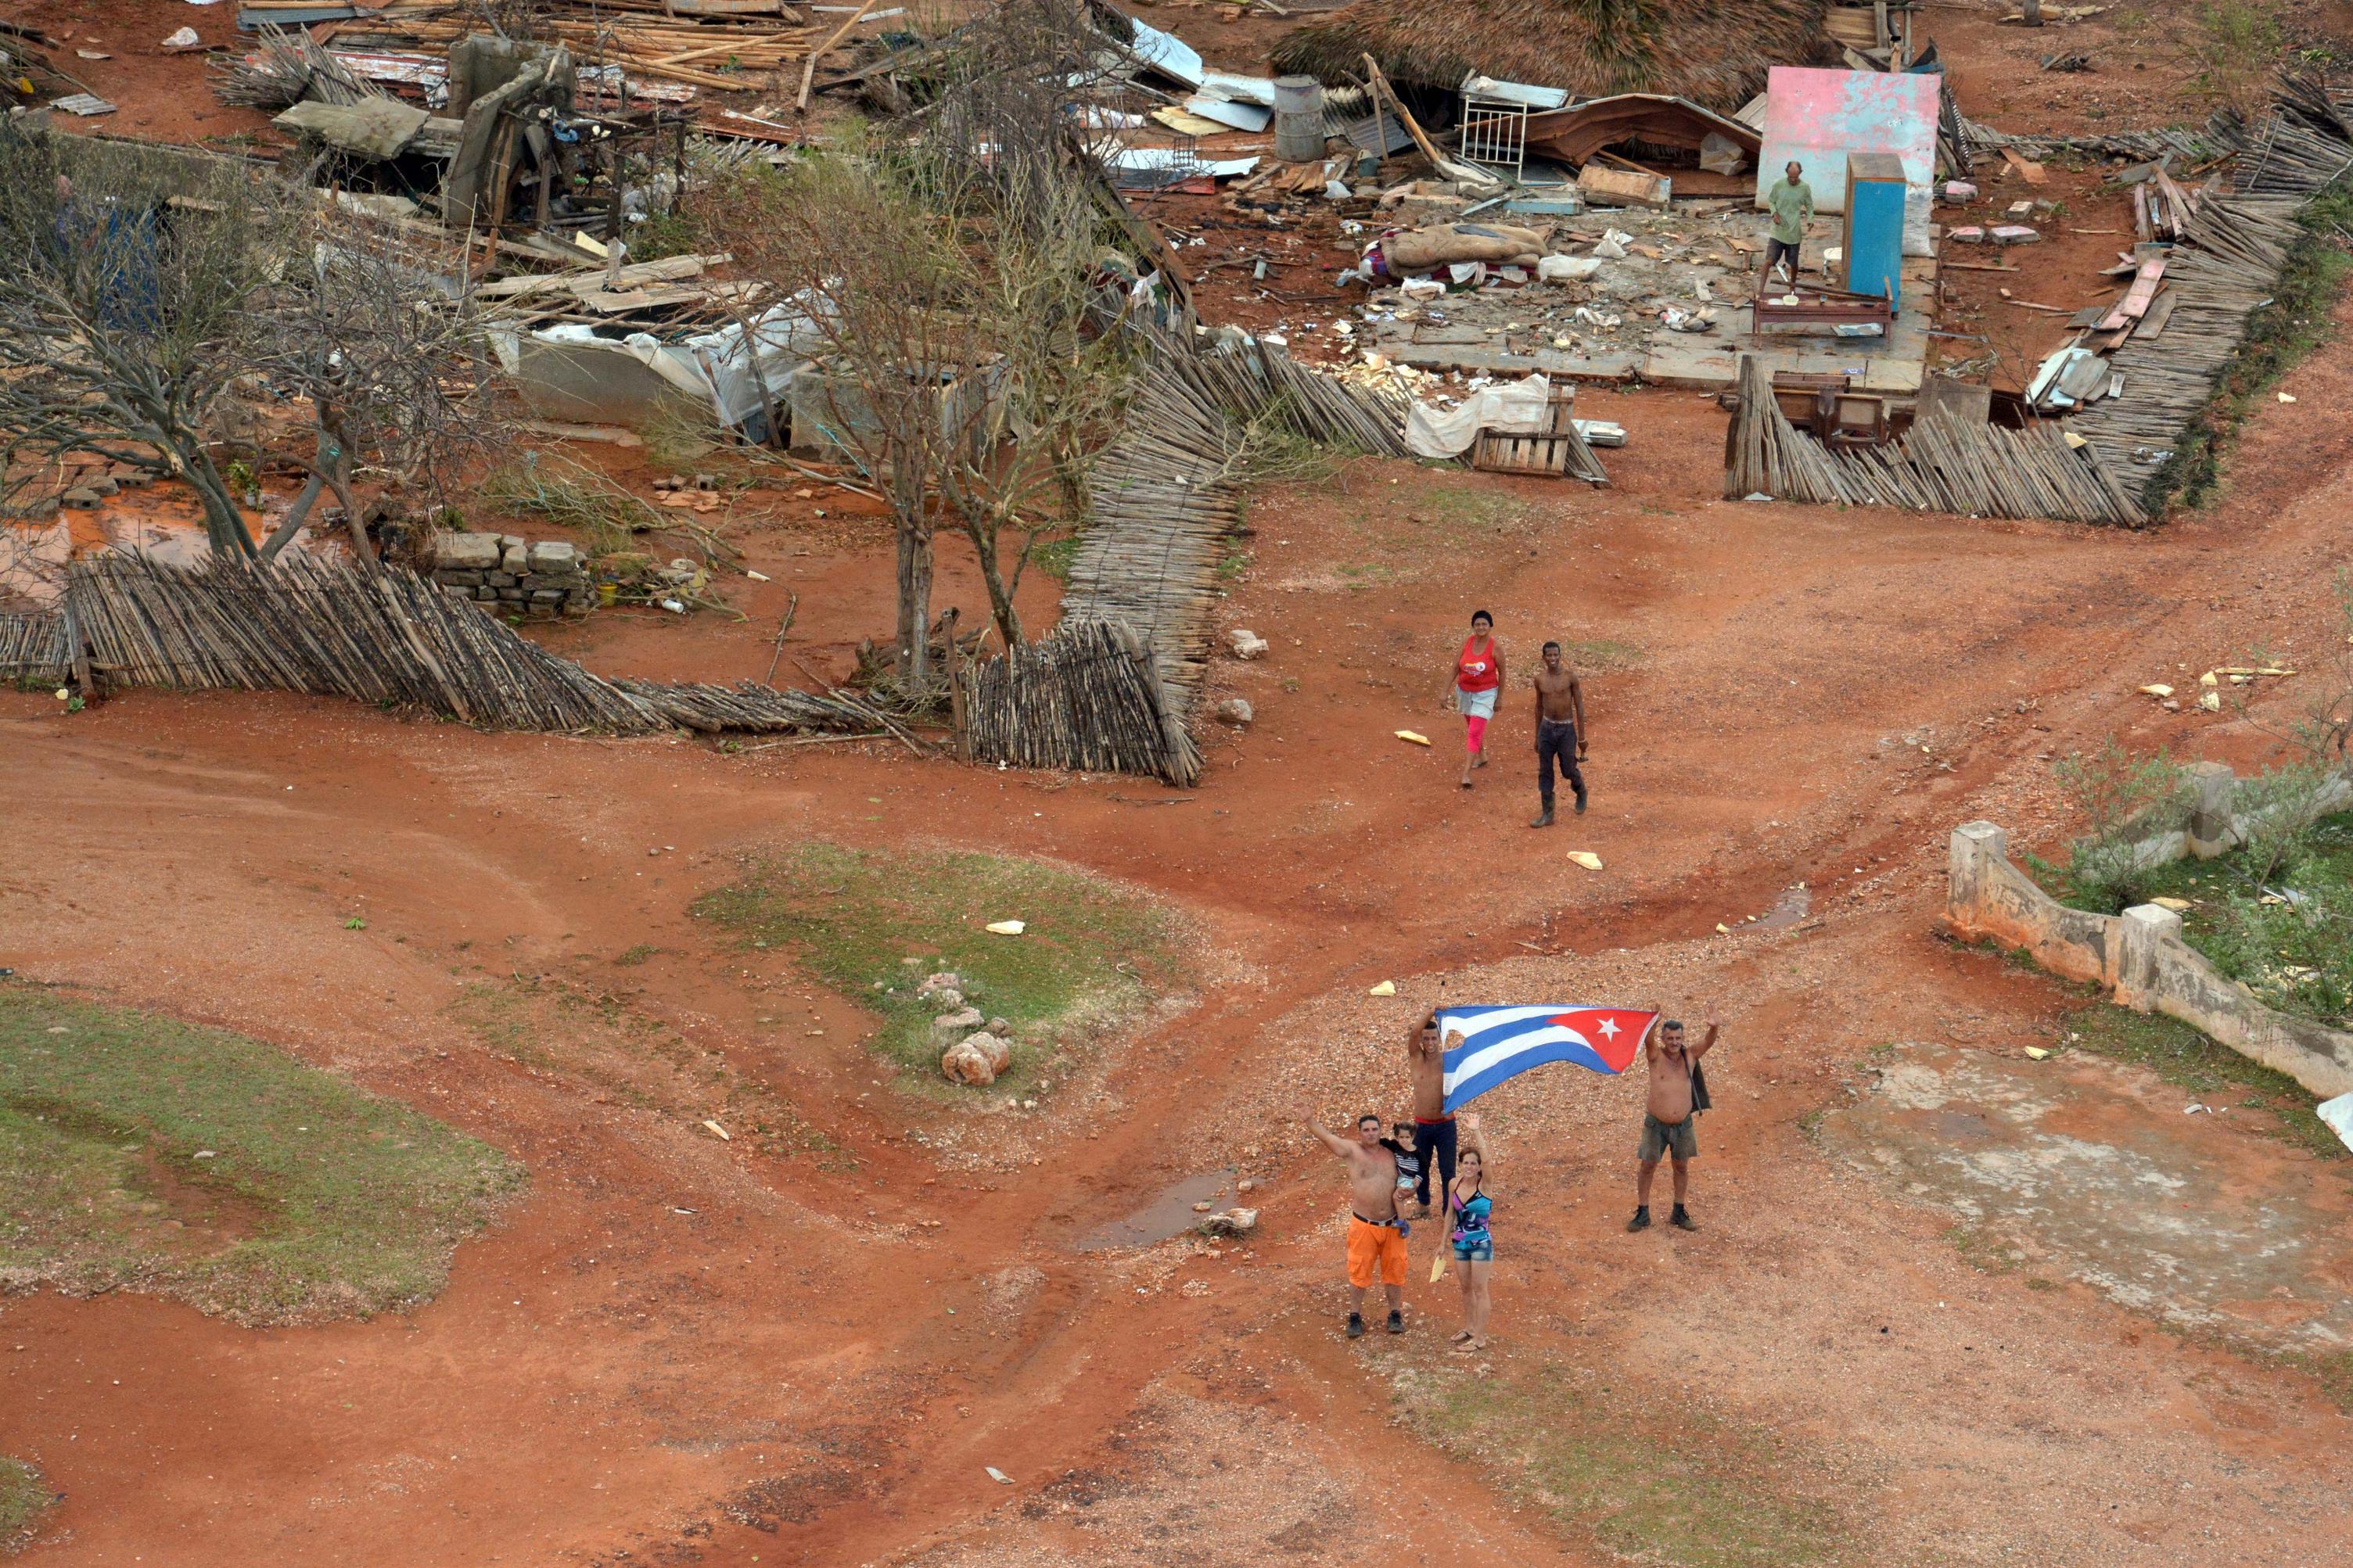 La bandera, señal de vida en Maisí. Foto: Juan Pablo Carreras/ ACN.